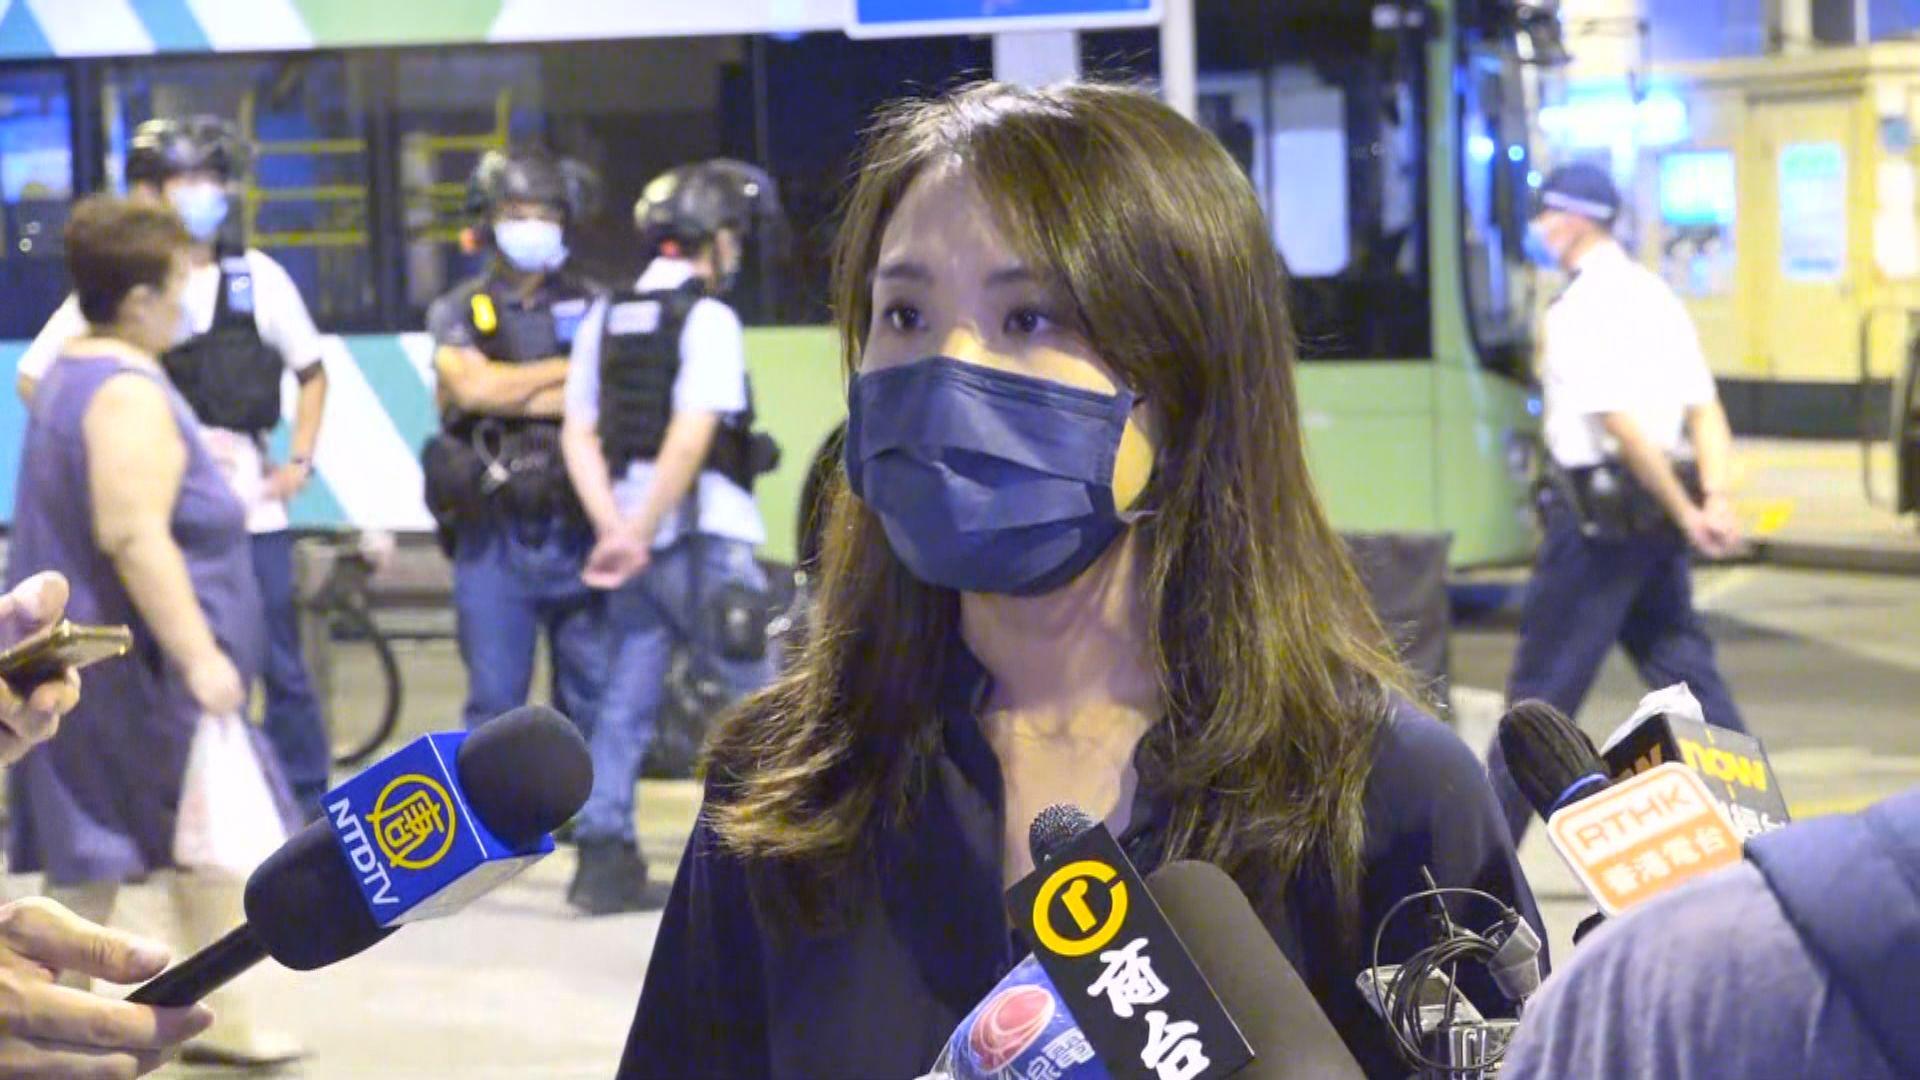 何桂藍︰有拍攝721當晚不同人士情況